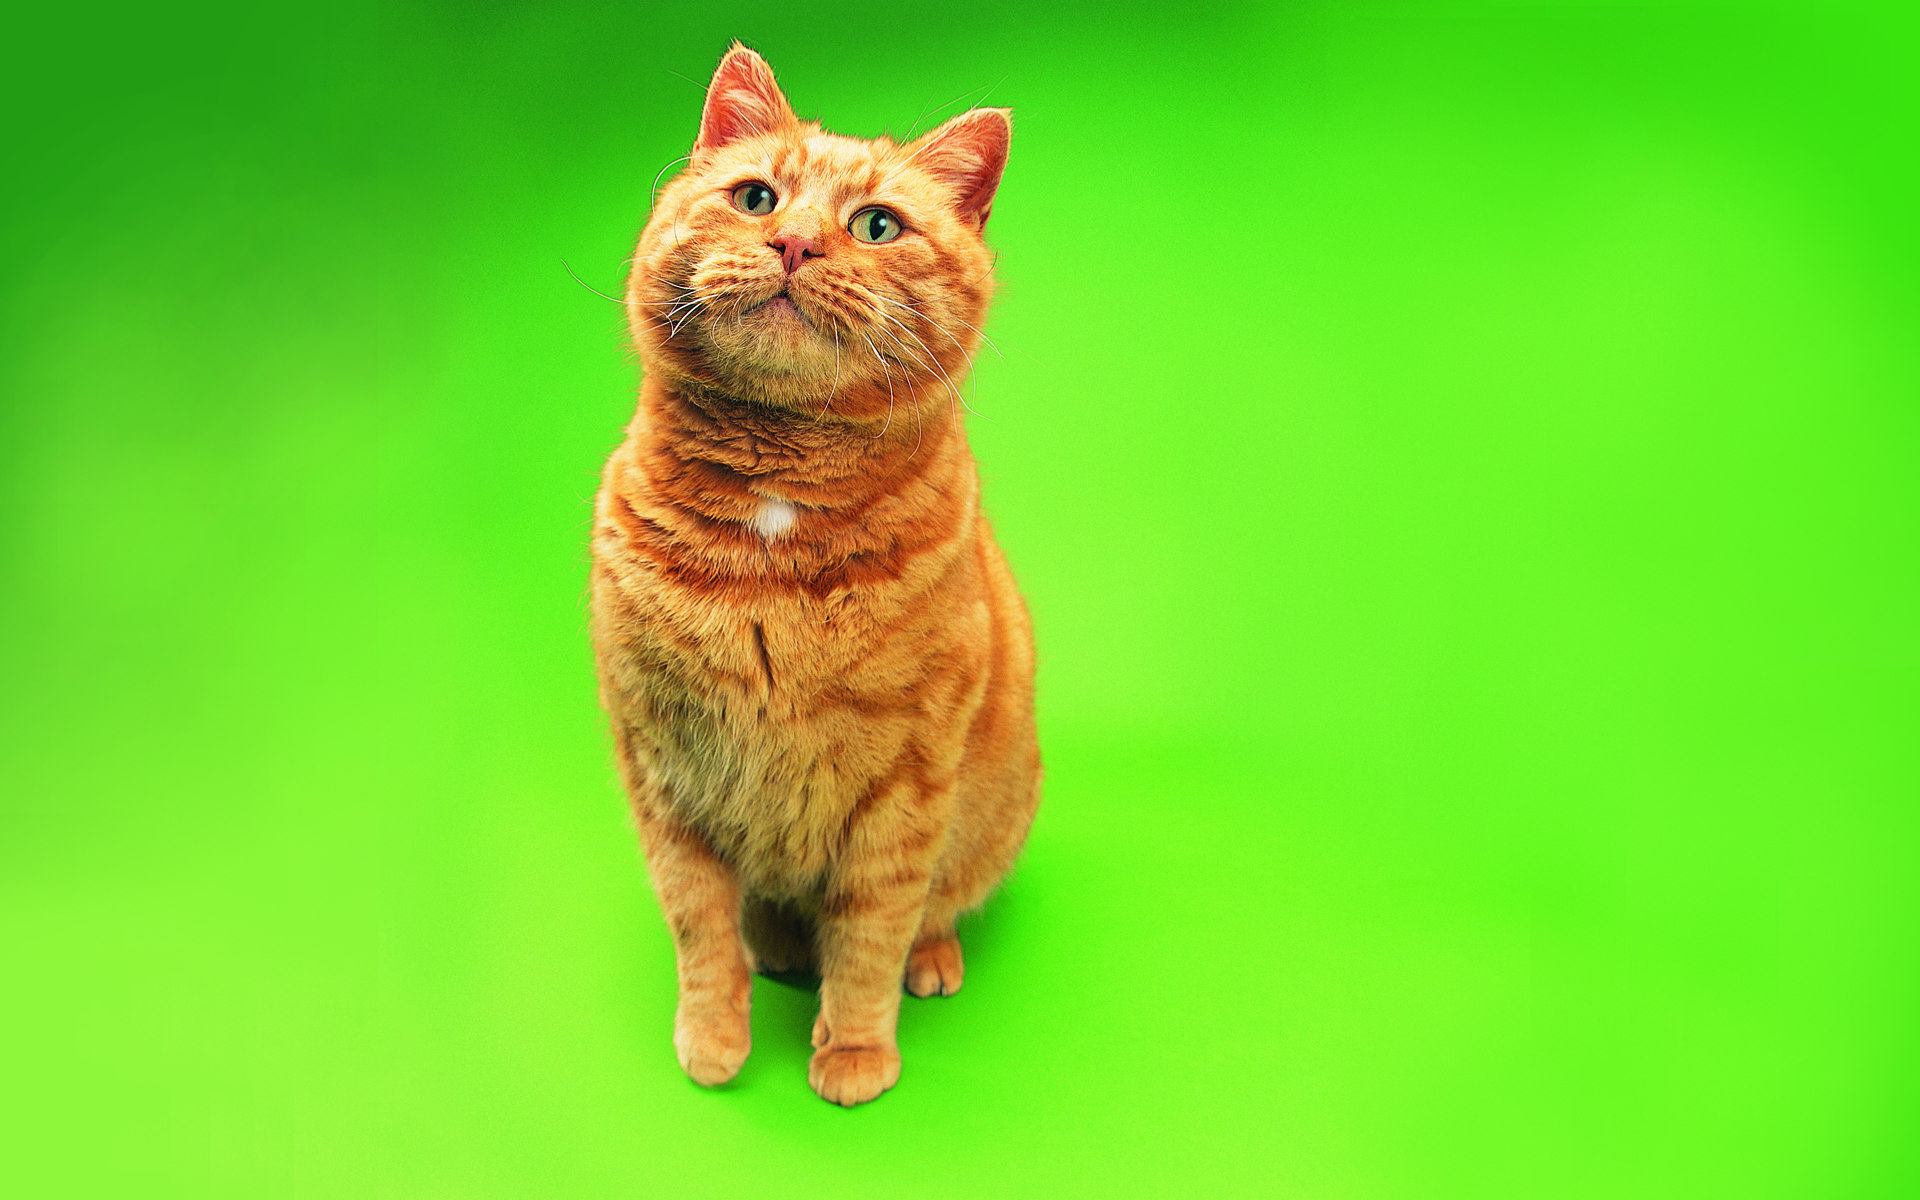 壁纸/肥猫趣味可爱小猫图片壁纸